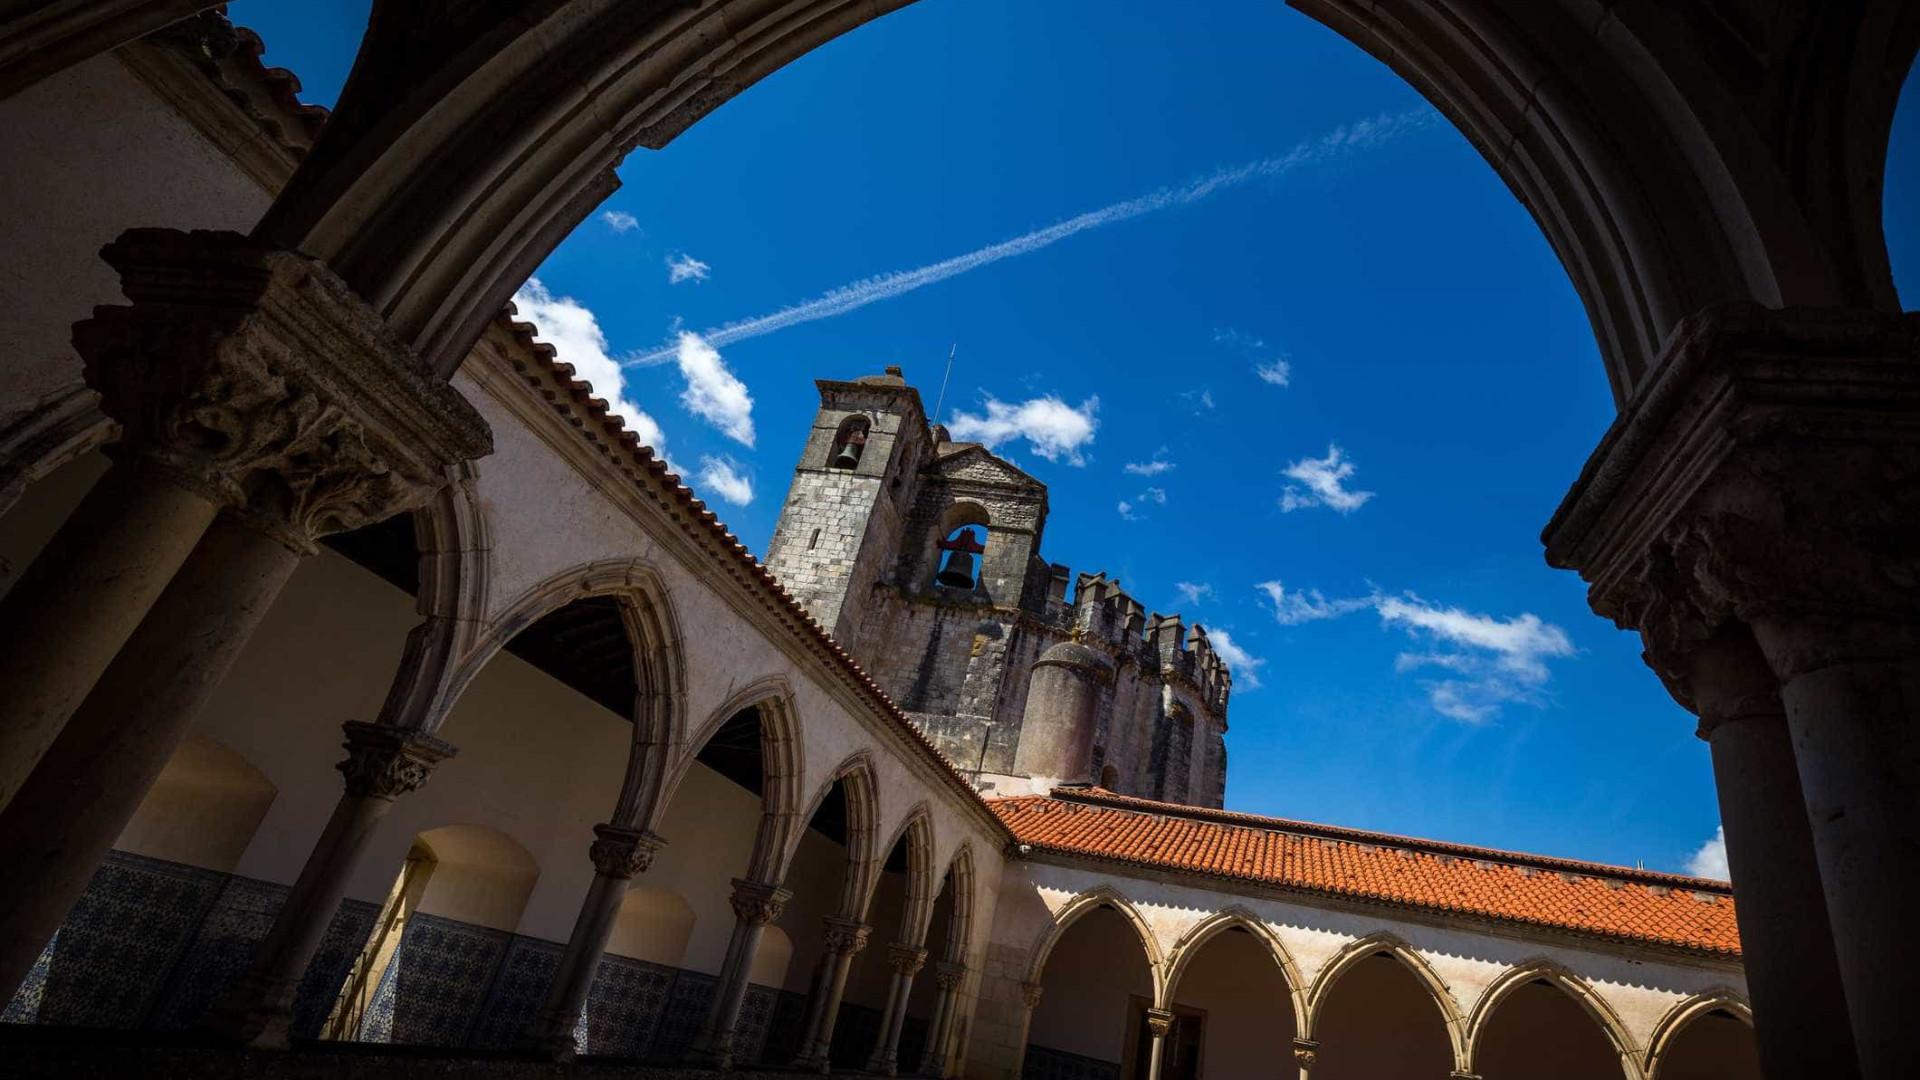 Convento de Cristo reabre ao público na sexta-feira